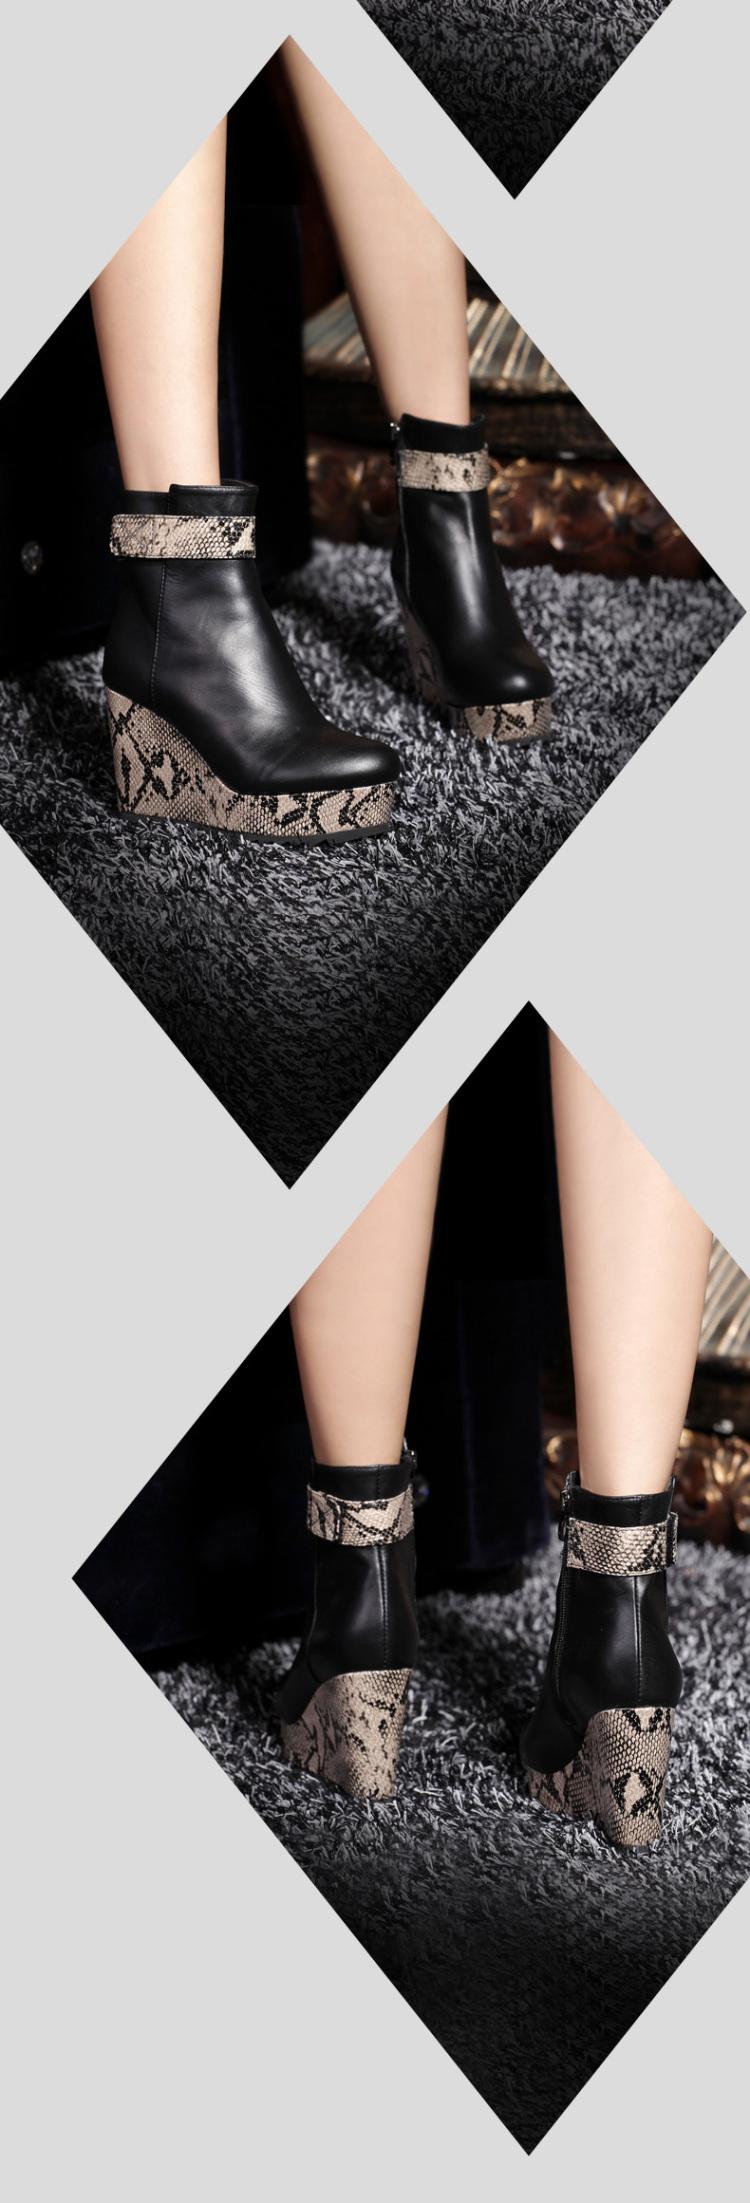 帝扬2013春秋季新款潮女鞋短靴子欧美坡跟厚底松糕鞋